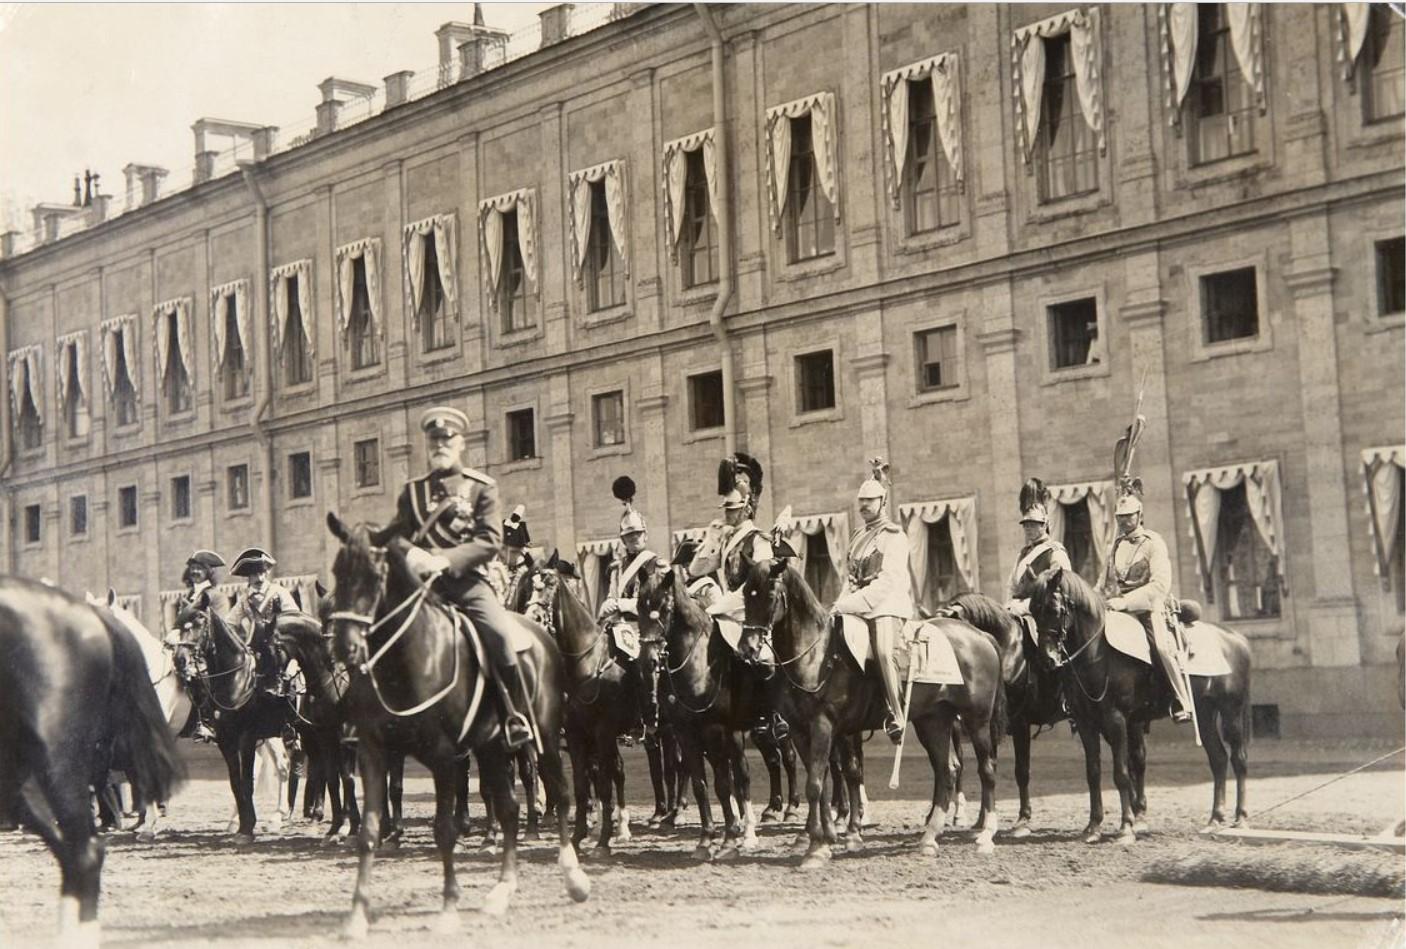 Фото Лейб Гвардии Кирасирского Ее Величества Государыни Императрицы Марии Федоровны полка во время парада по случаю полкового праздника у стен Гатчинского дворца 9 мая 1904